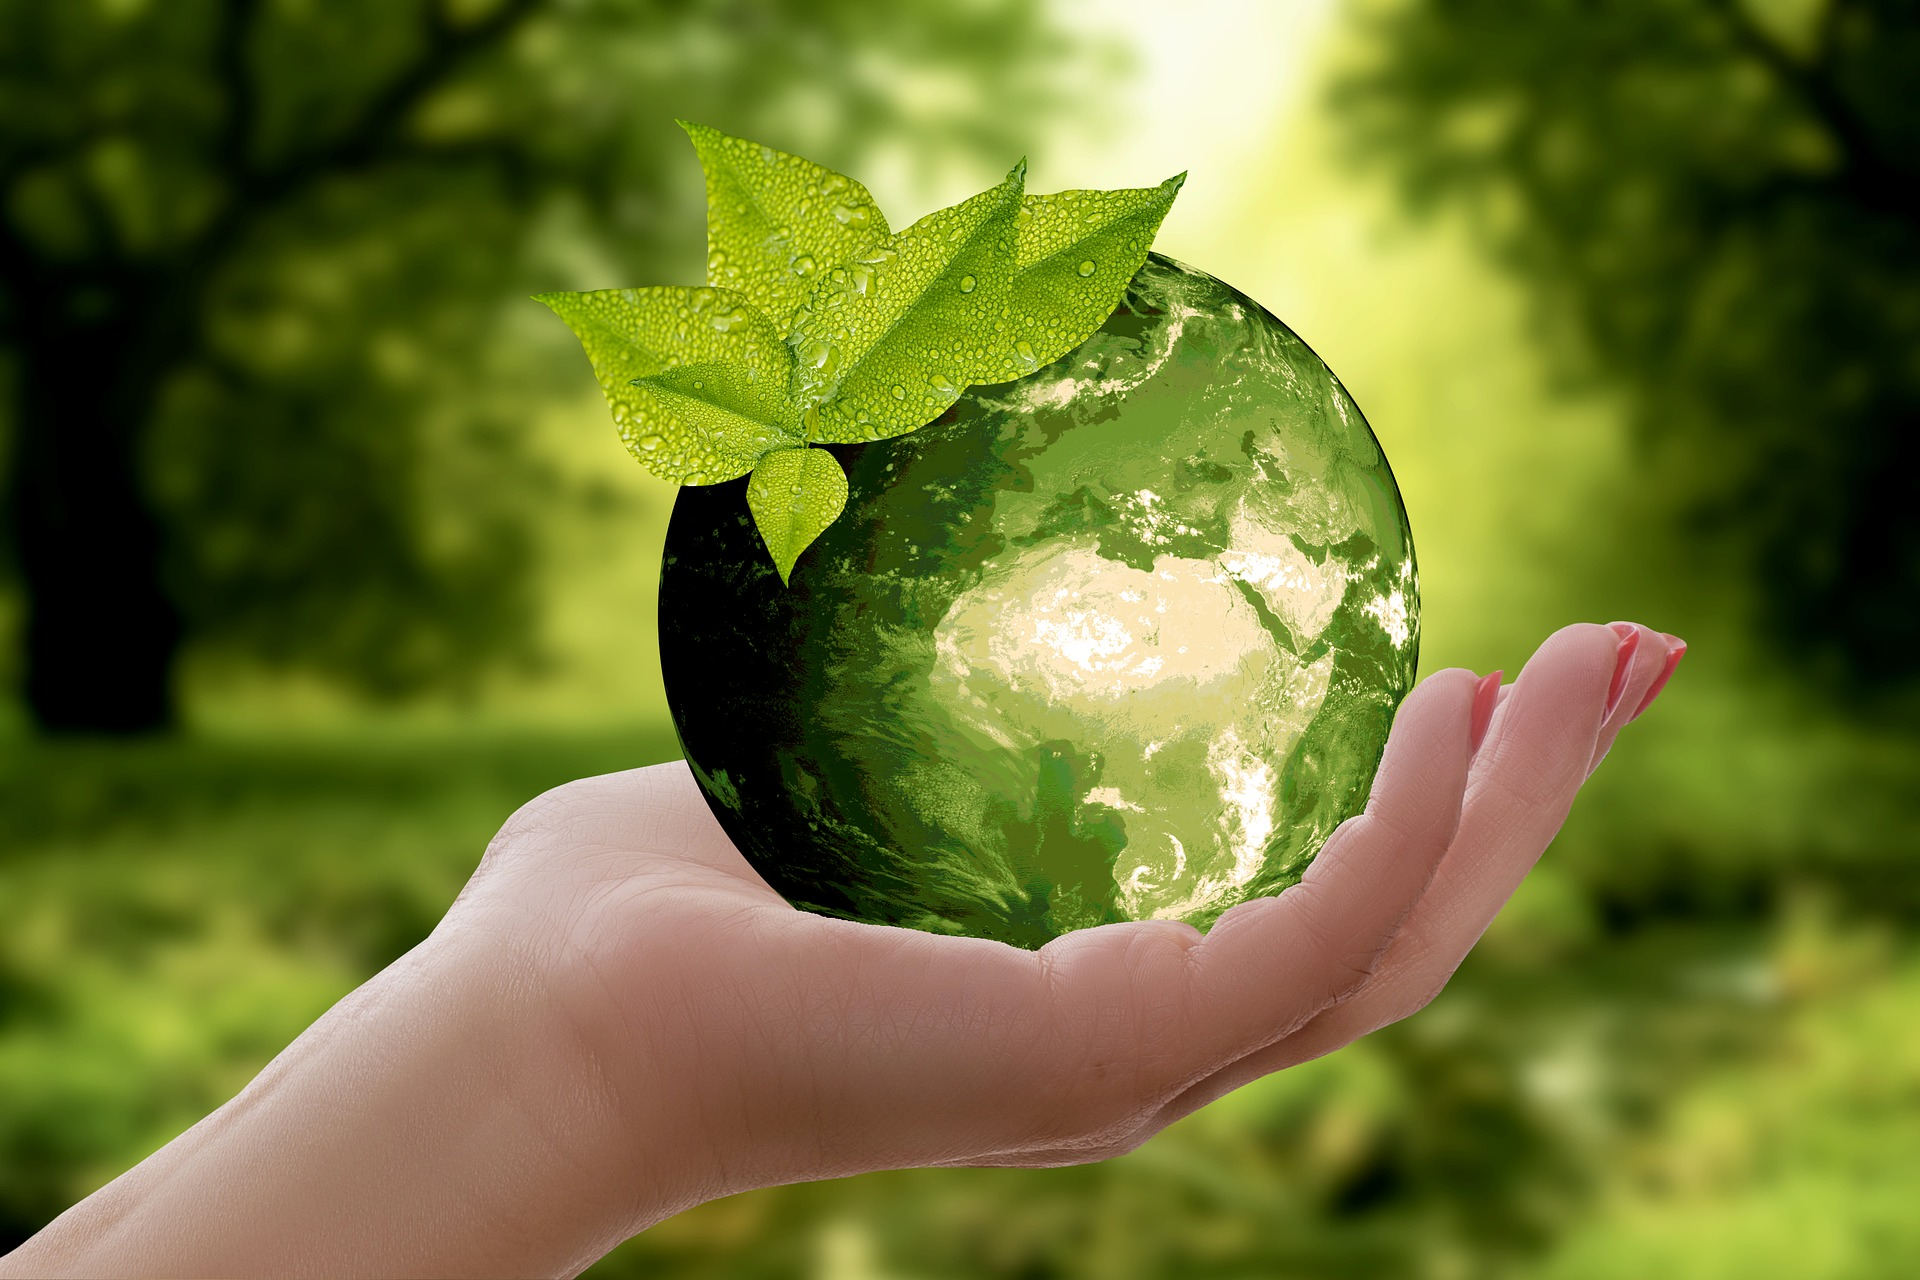 EMNE s'engage auprès de la Communauté de Communes Loue Lison pour l'élaboration du Plan Climat-Air-Énergie Territorial